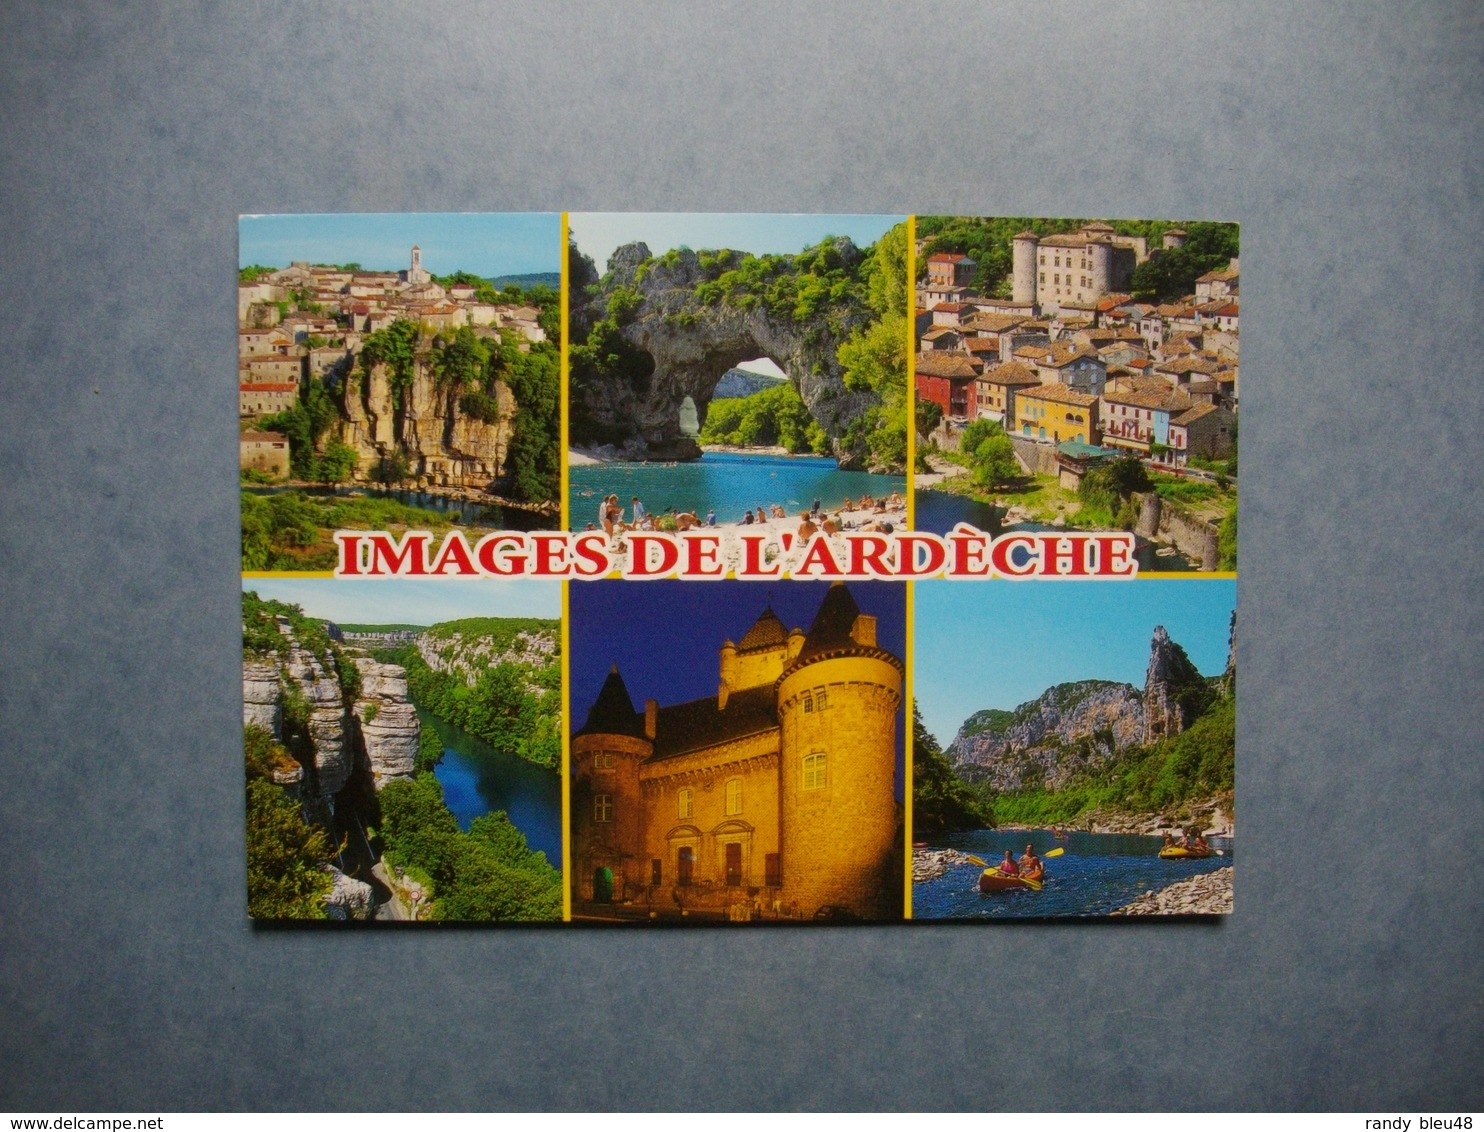 ARDECHE  -  07   -  Images De L'Ardèche  -  Multivues    -  ARDECHE - Autres Communes